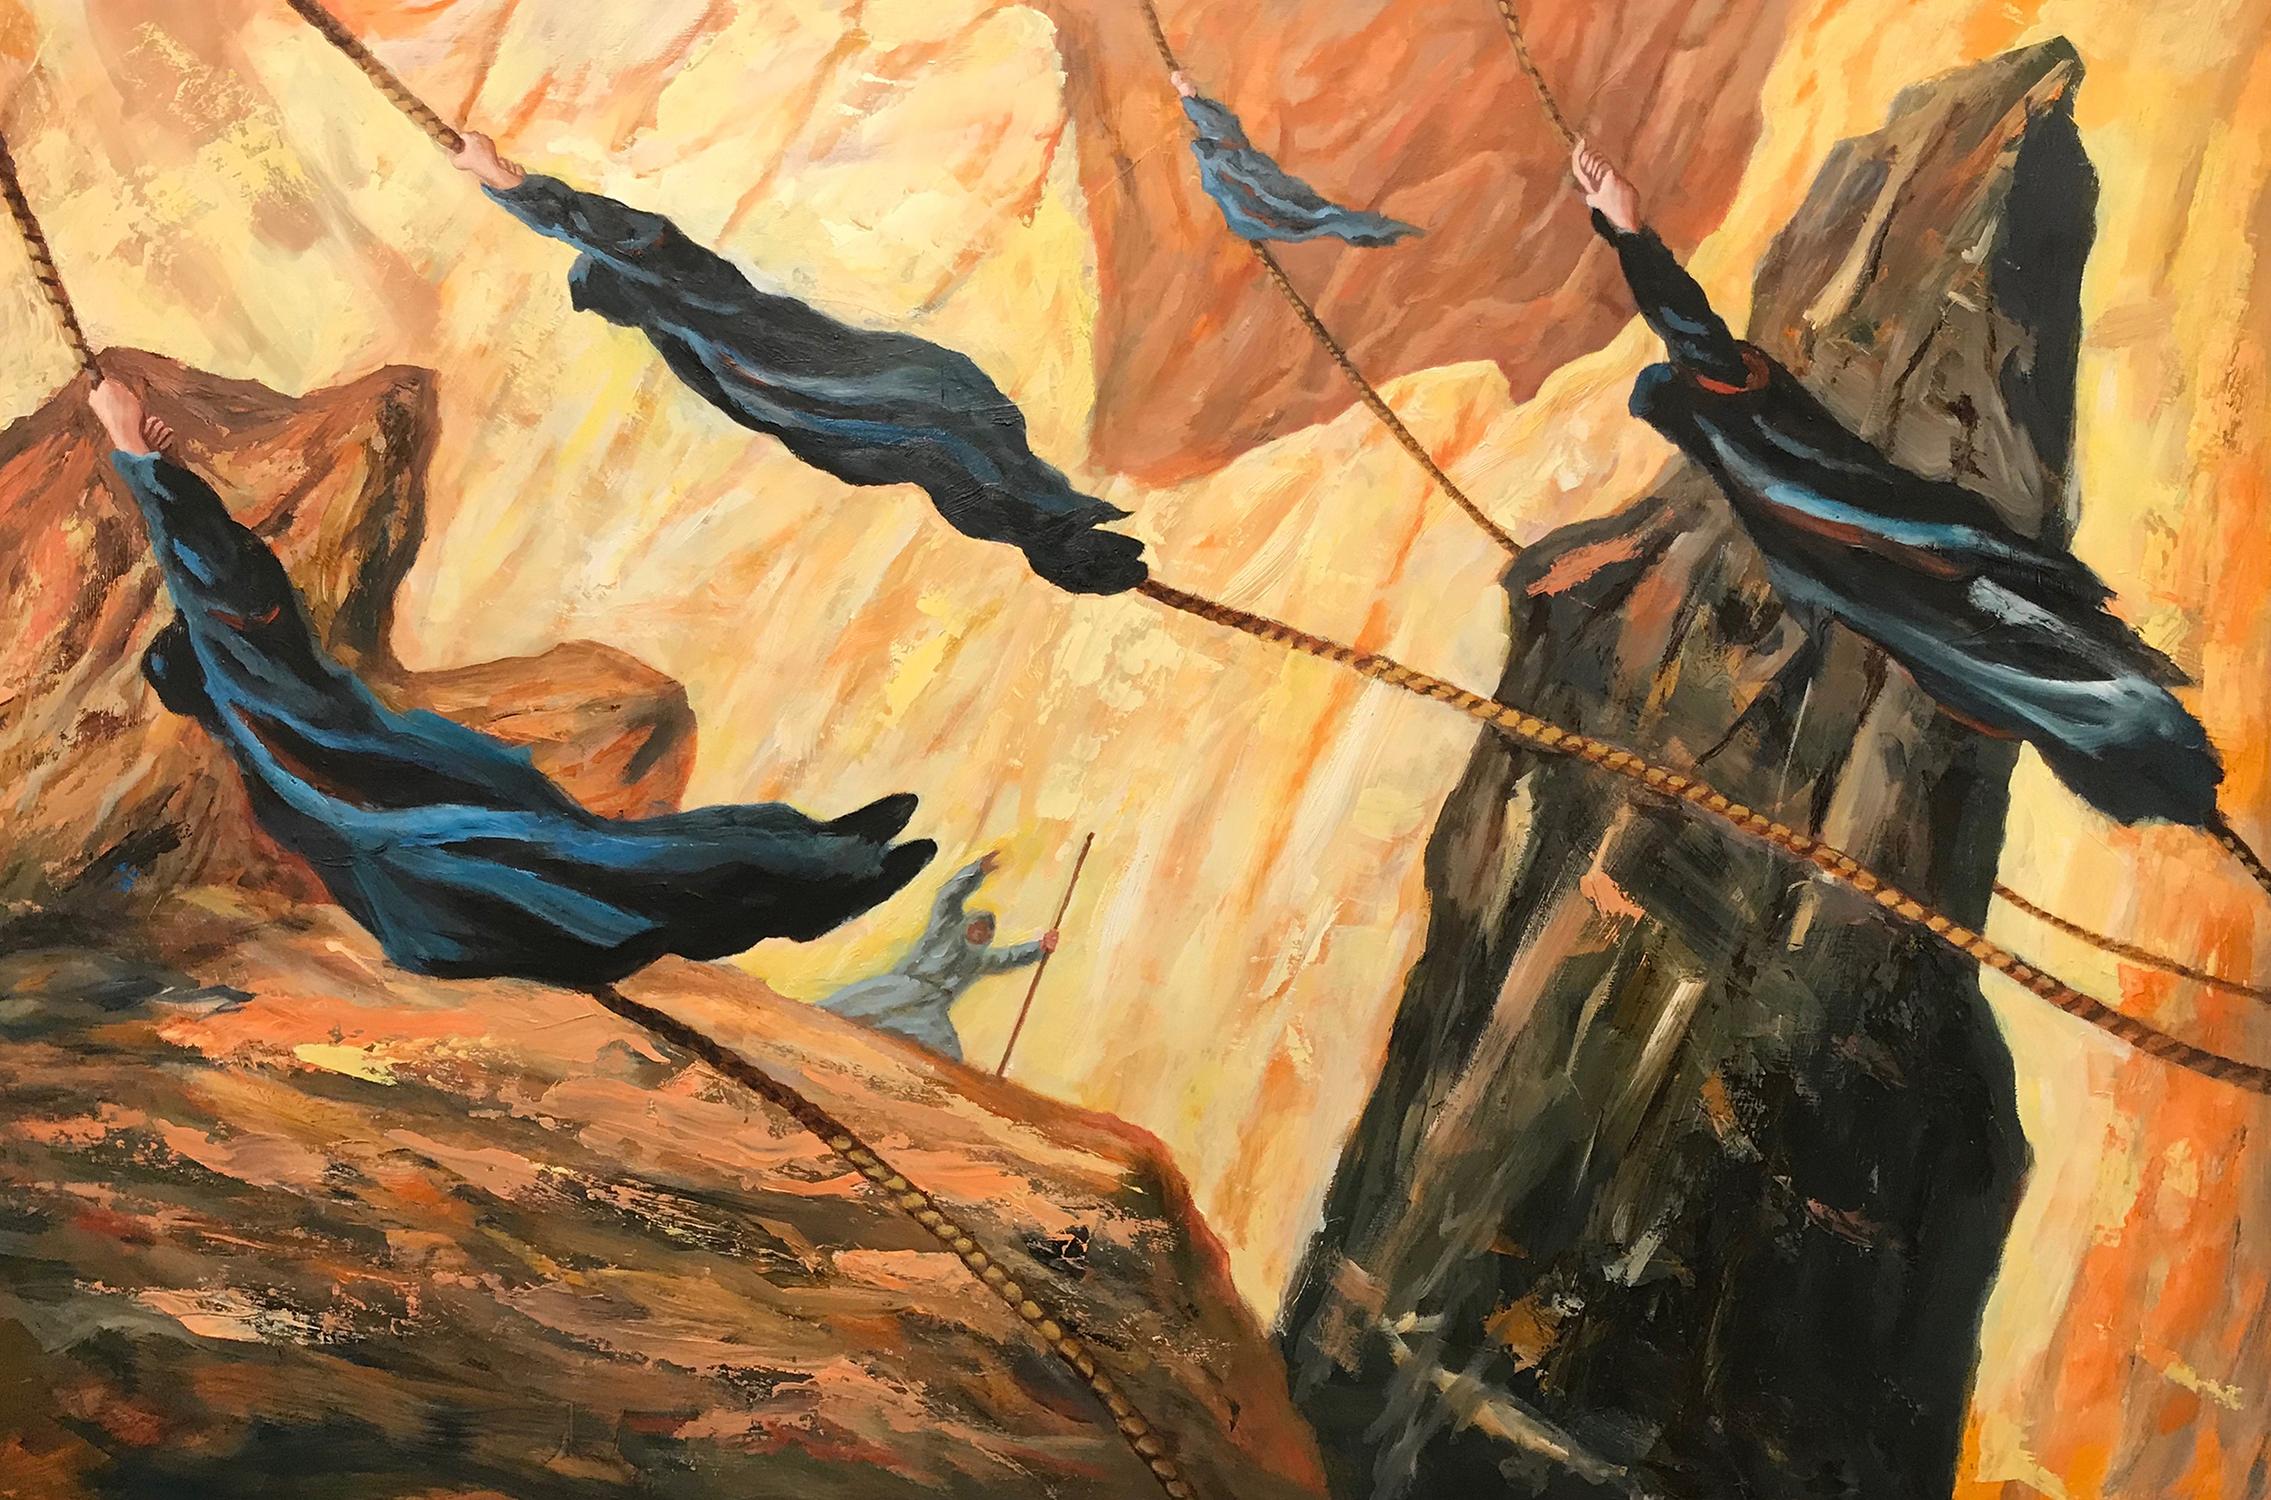 Icarus 2 Artwork by Brian McElligott